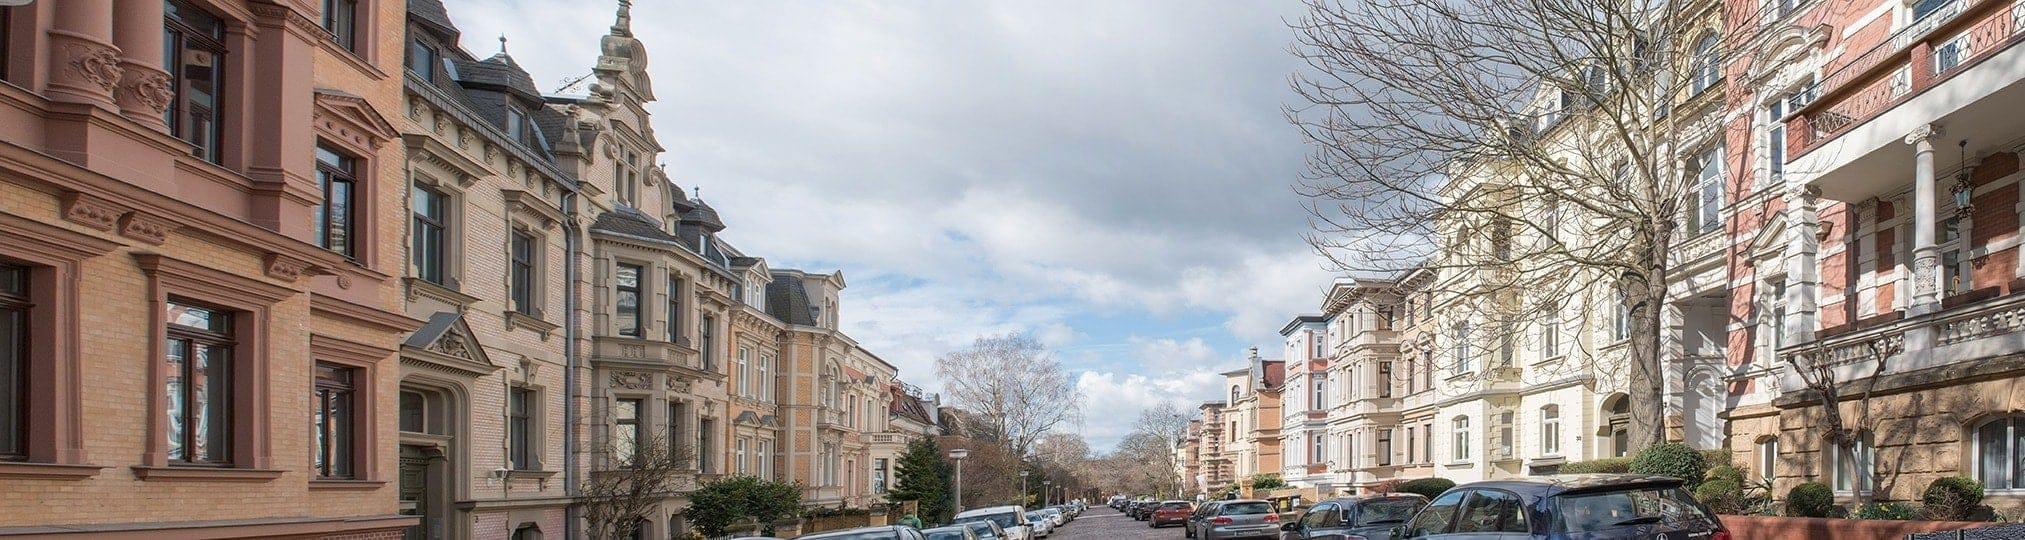 Häuser in Halle